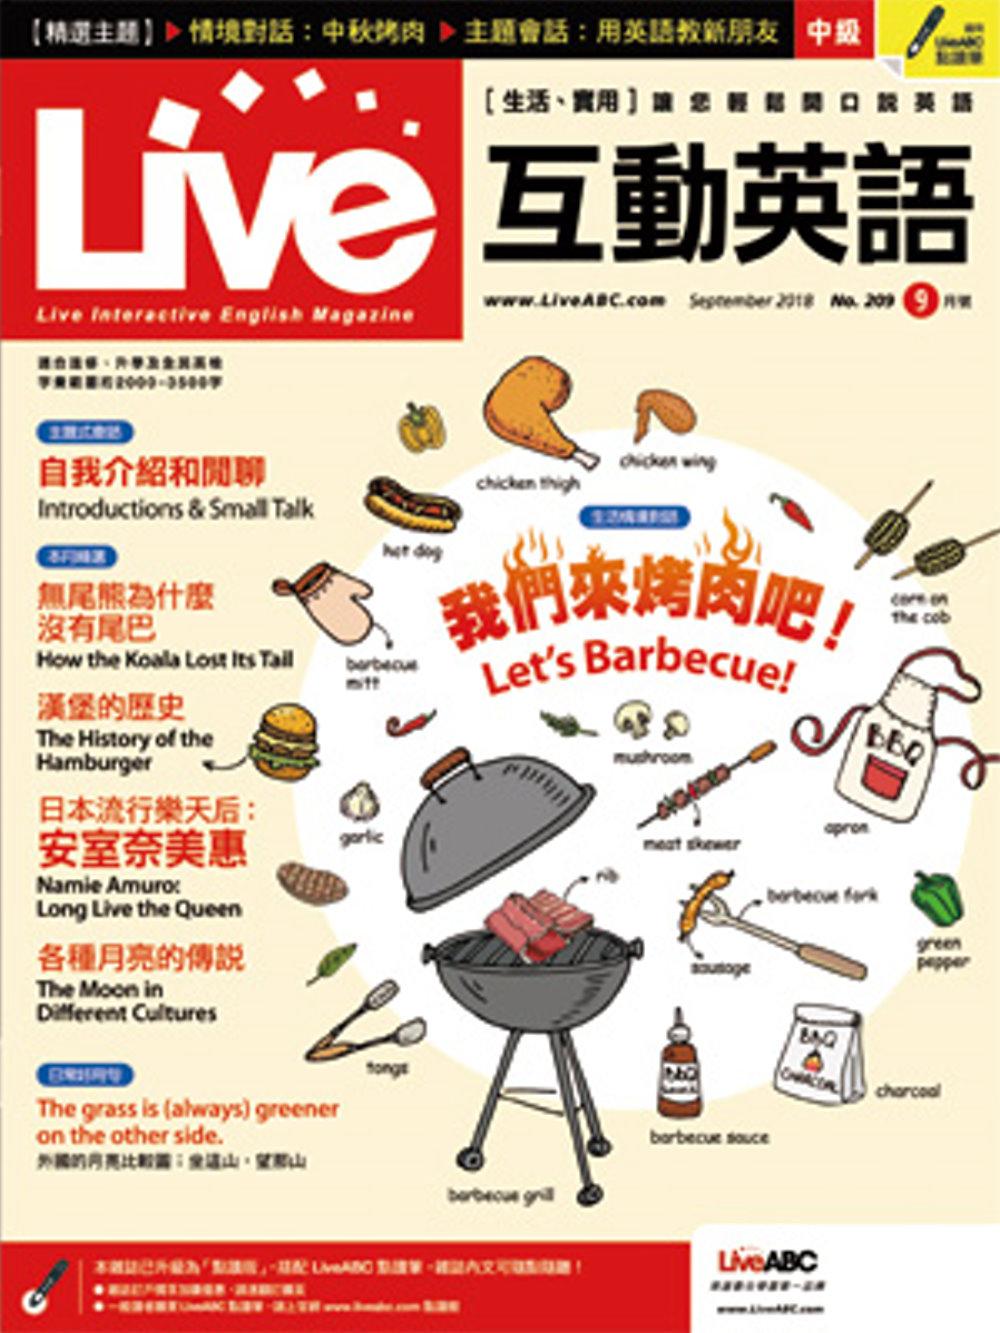 Live互動英語(課文朗讀版)一年12期+LiveABC智慧點讀筆+2期